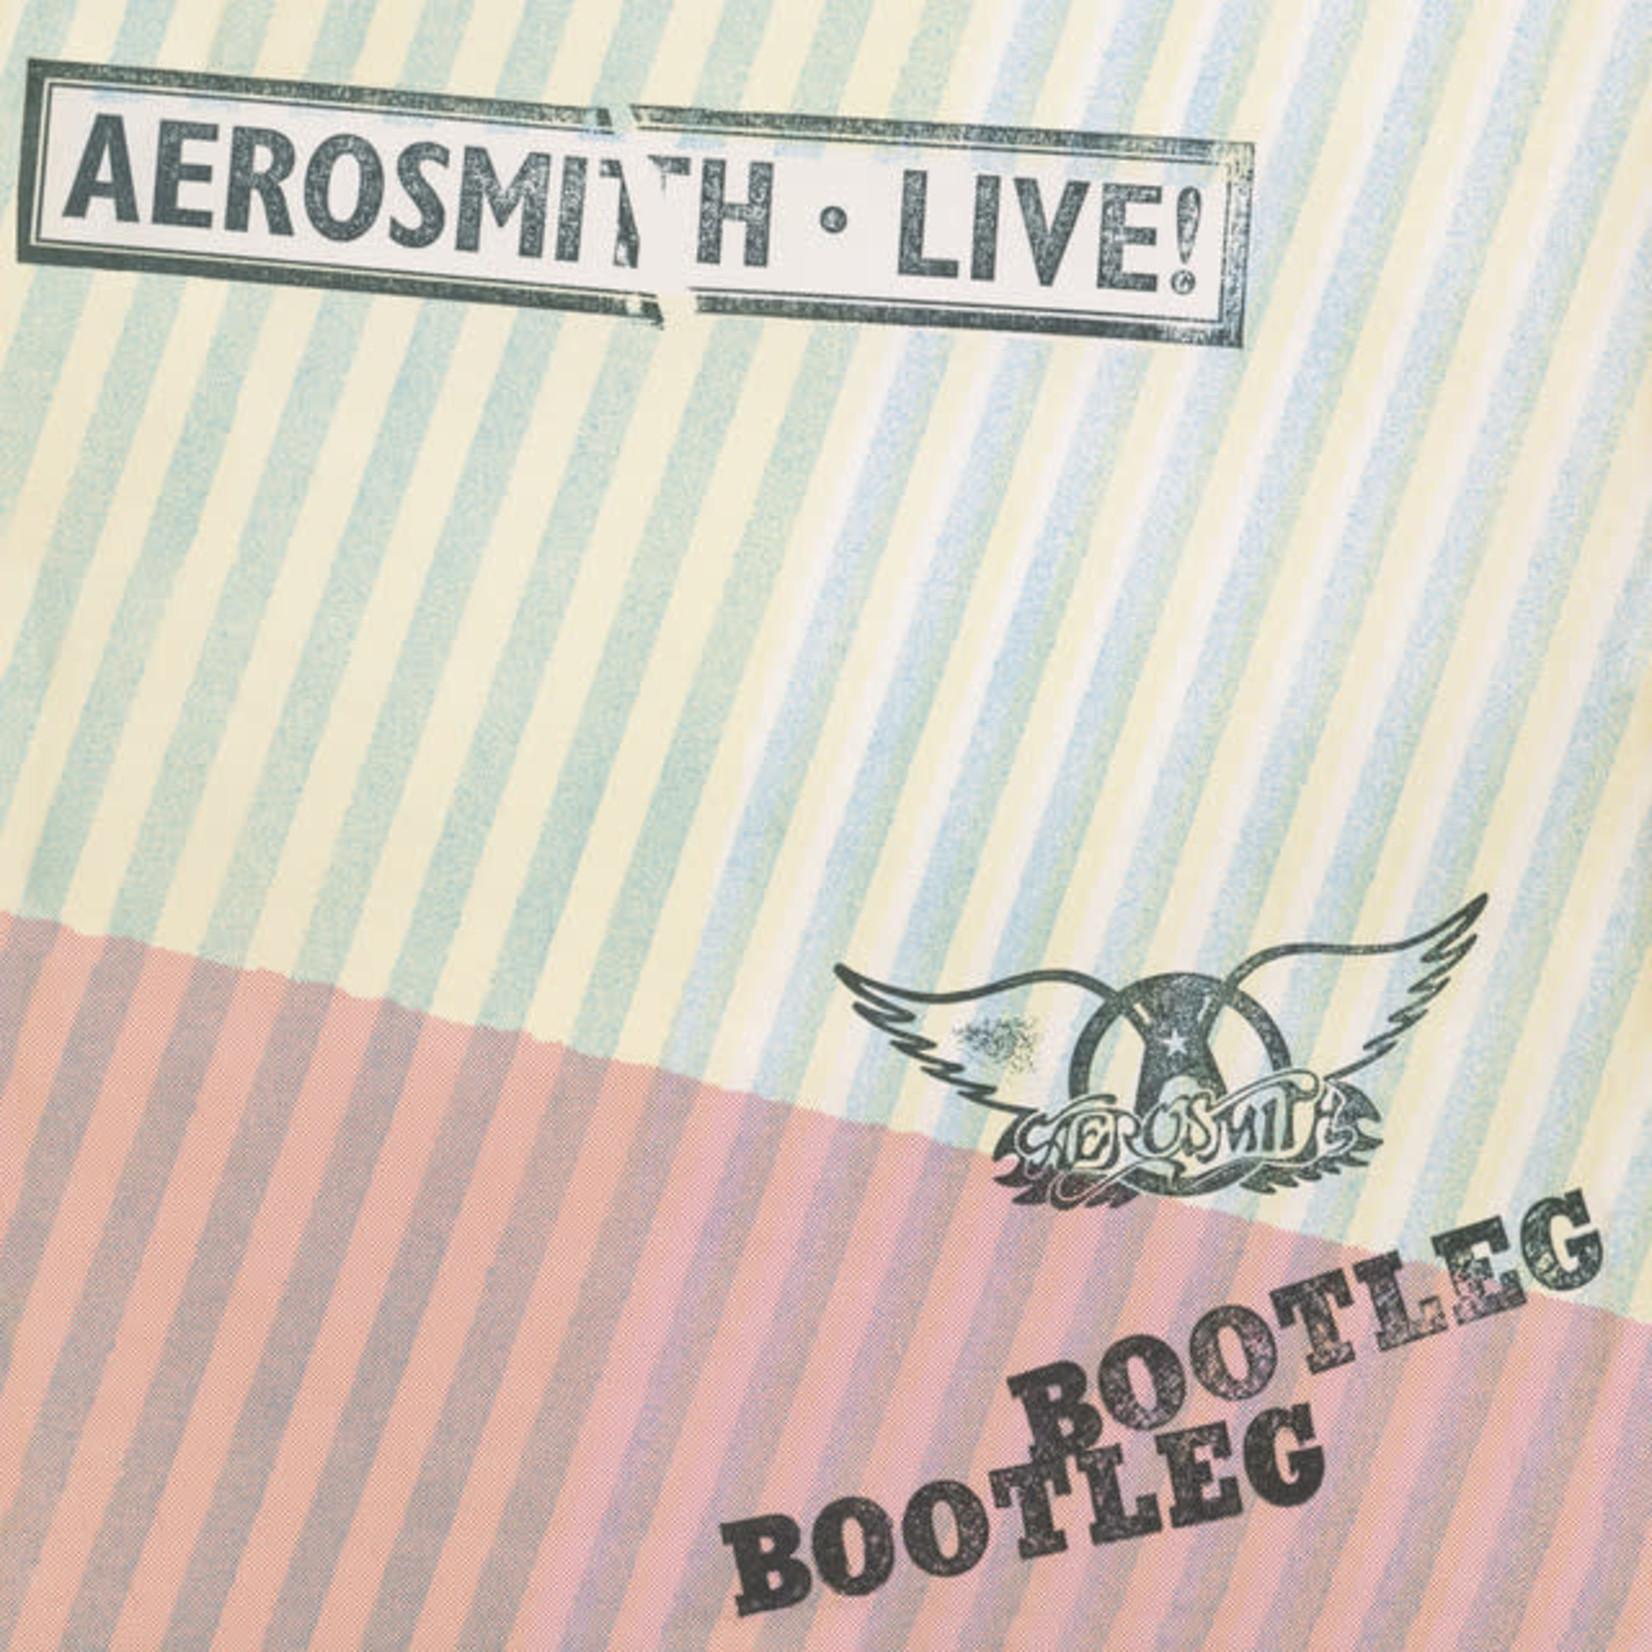 Vinyl Aerosmith - Live! Bootleg